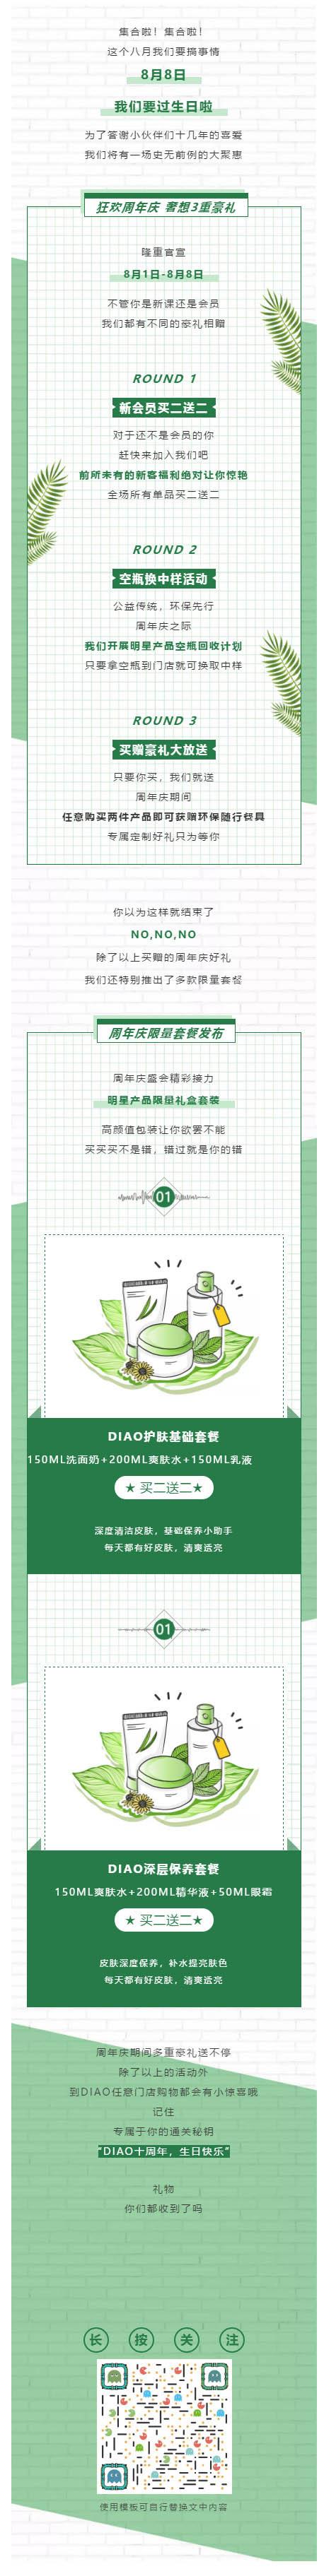 微信活动店庆生日周年活动模板绿色风格水果店推文素材